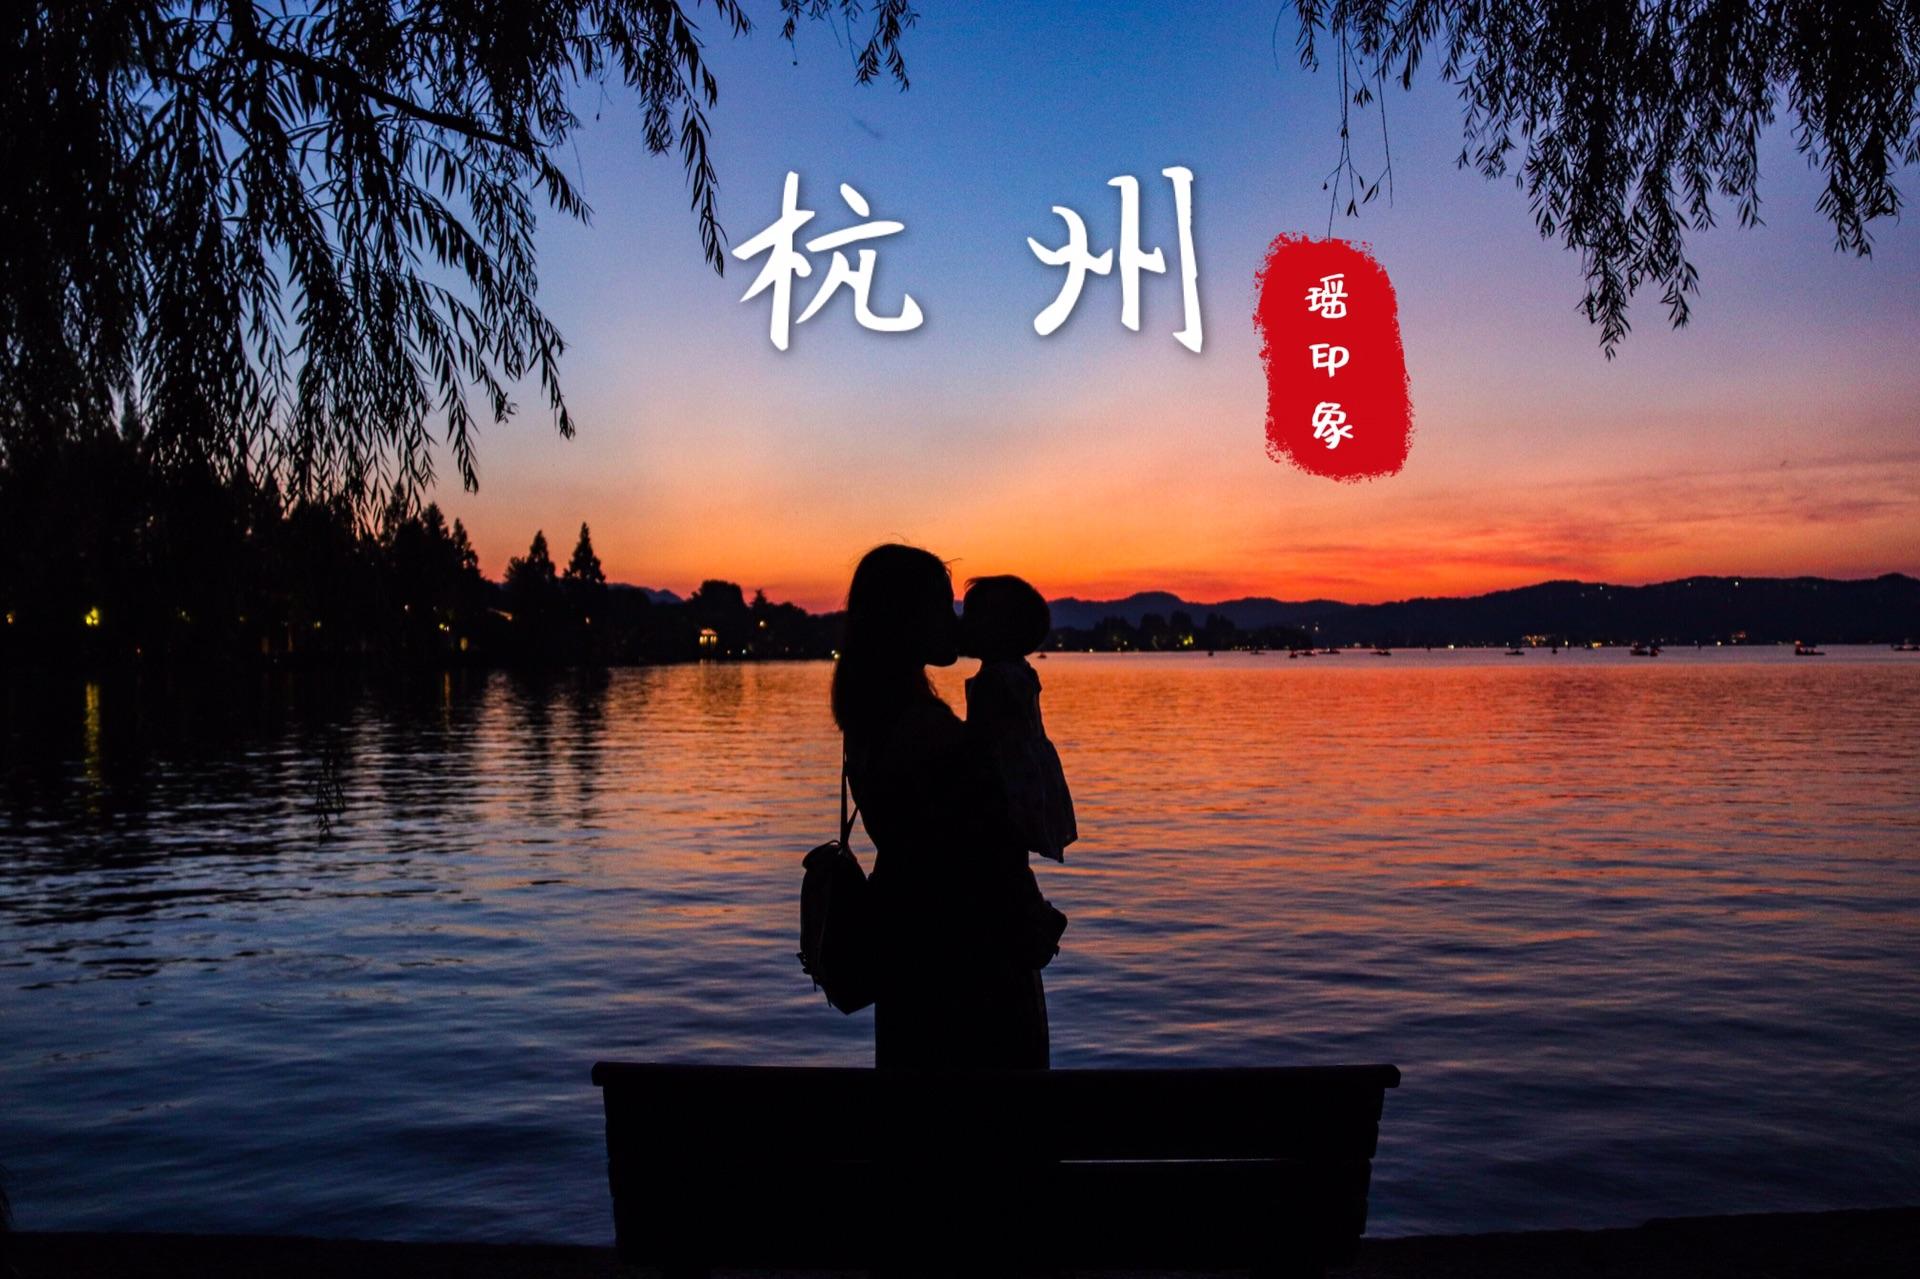 ·杭州印象·最忆是杭州「这可能是最全的一篇杭州攻略」_游记